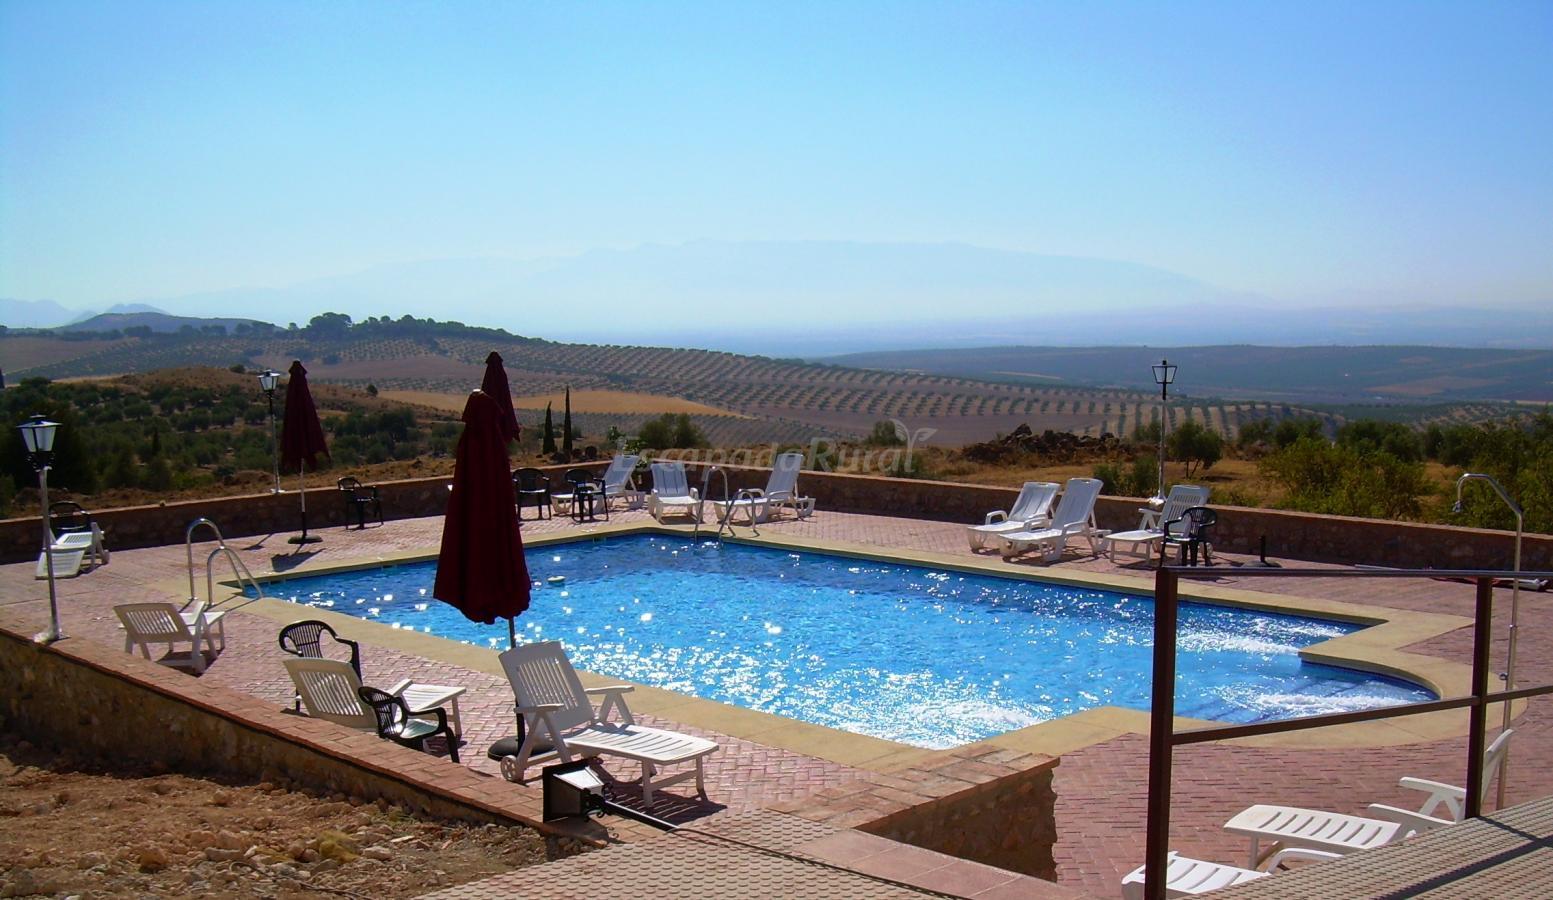 Fotos de hotel rural huerta nazar casa rural en alomartes granada - Piscina arabial granada precios ...